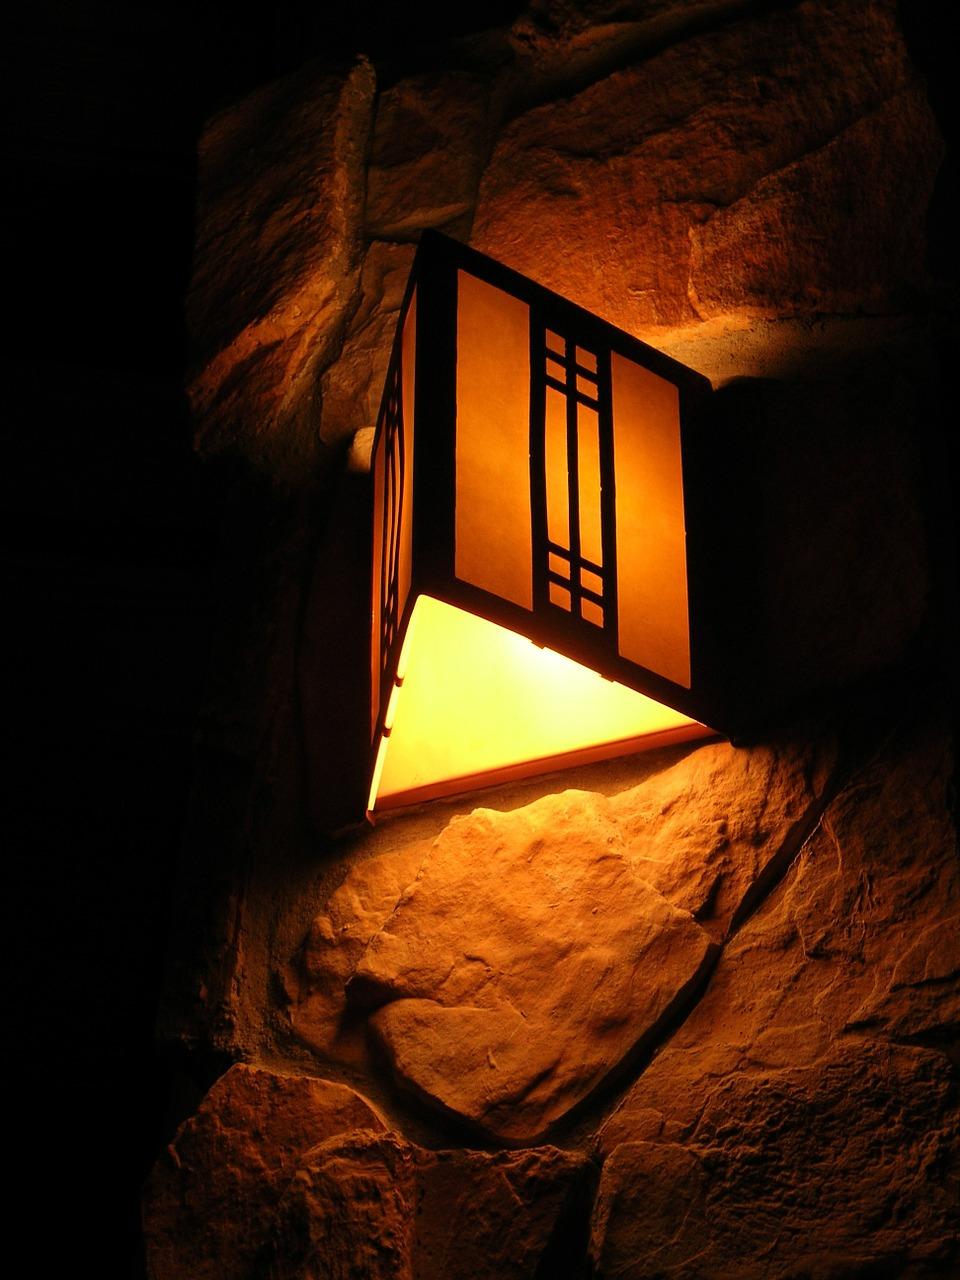 lamp-591152_1280